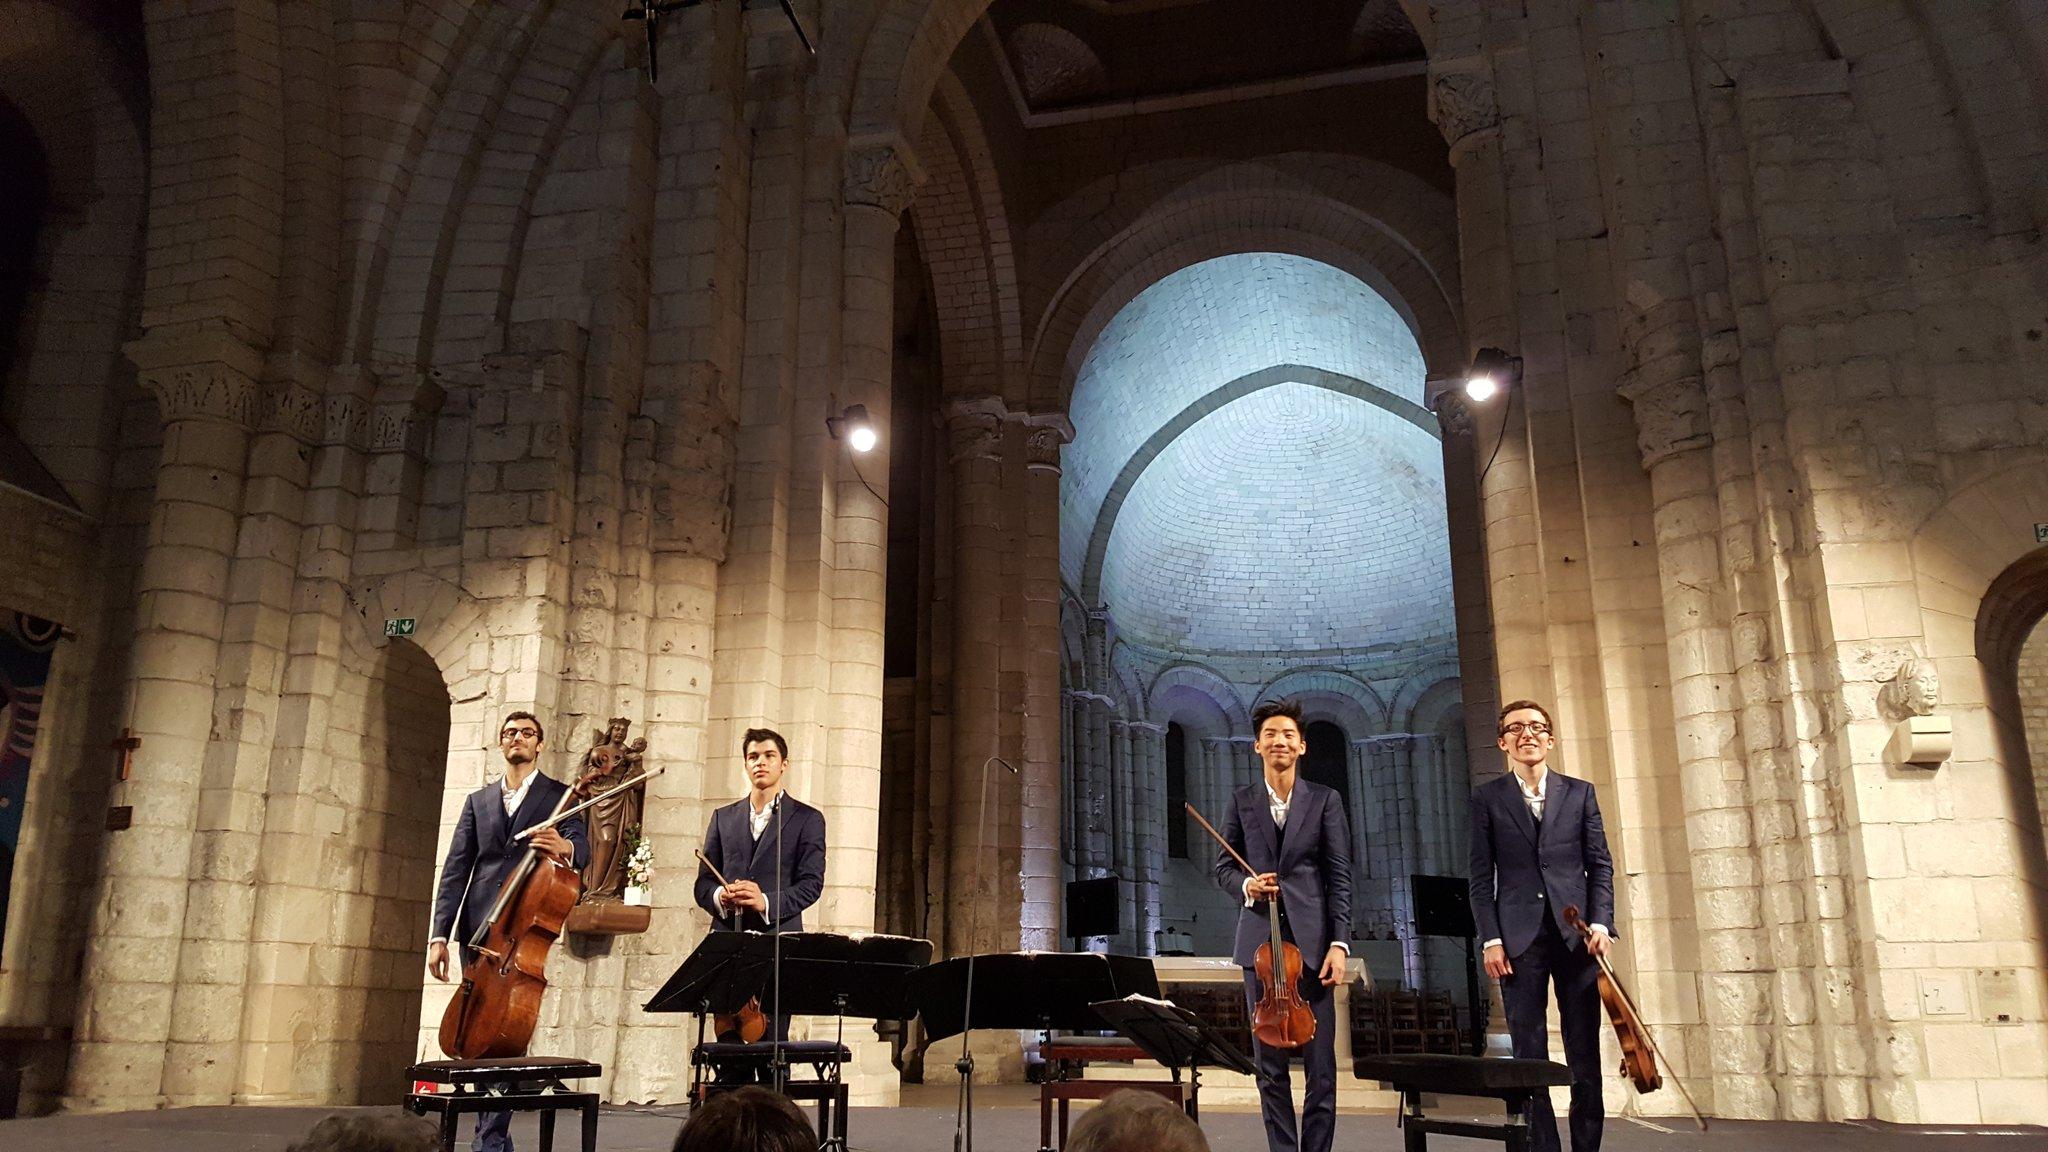 @Abbayeauxdames Oh ! Si jeunes et si grands déjà ! Concert magnifique... https://t.co/CReyG1pfib